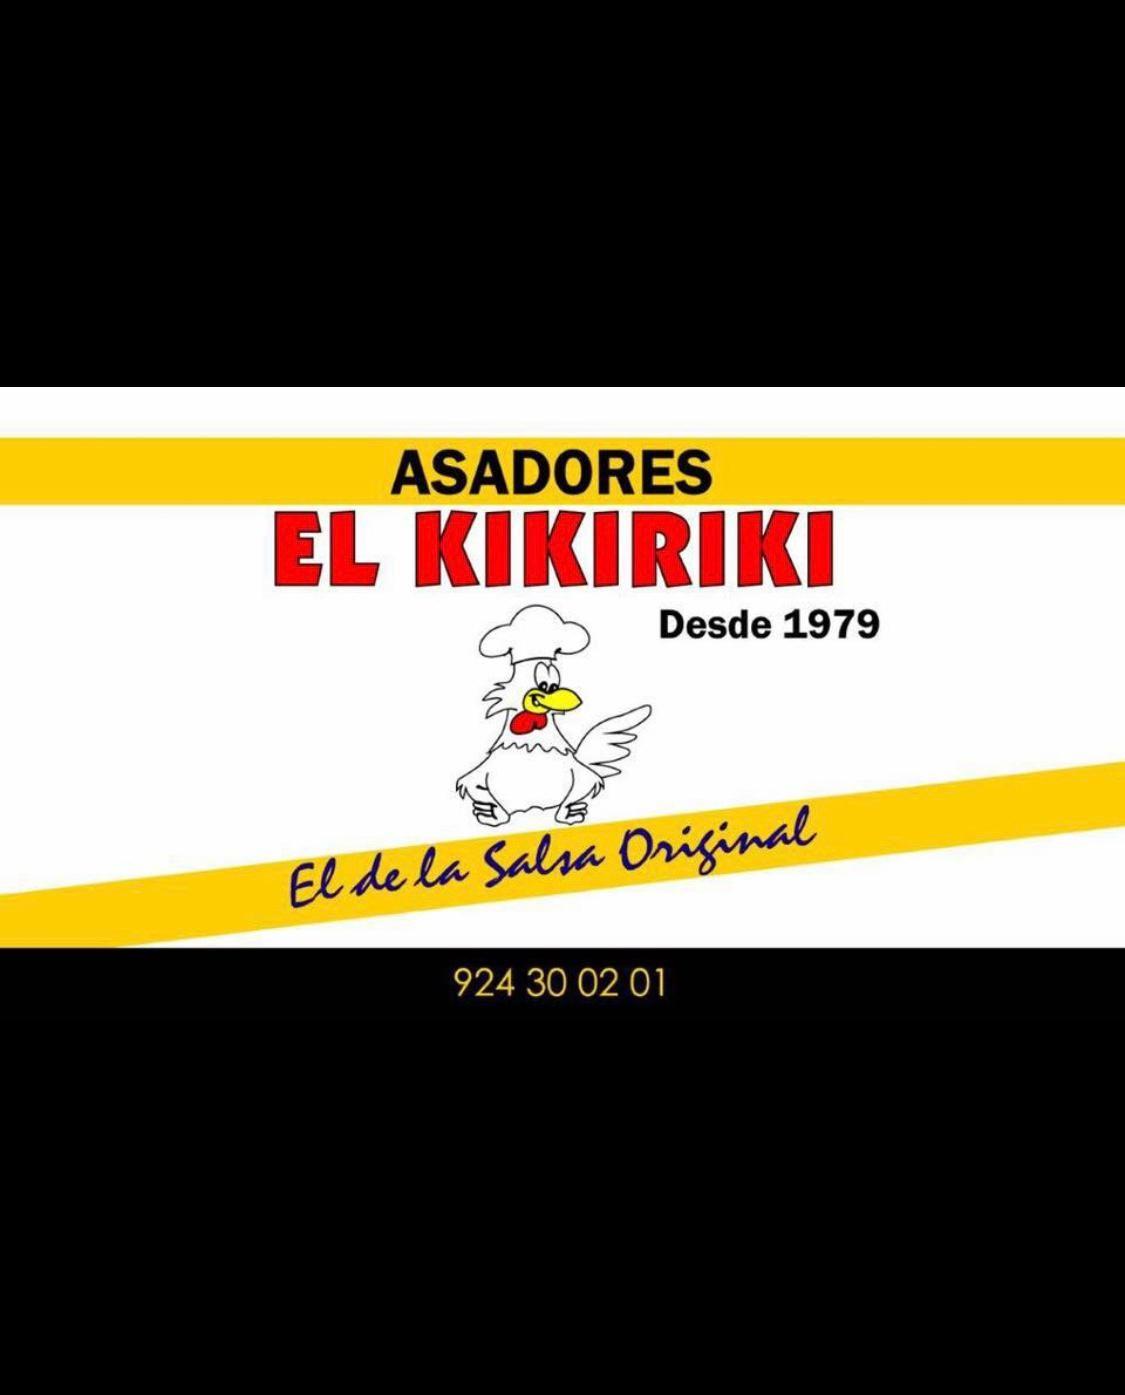 Foto 24 de Comida para llevar en Mérida | Asadores Kikiriki